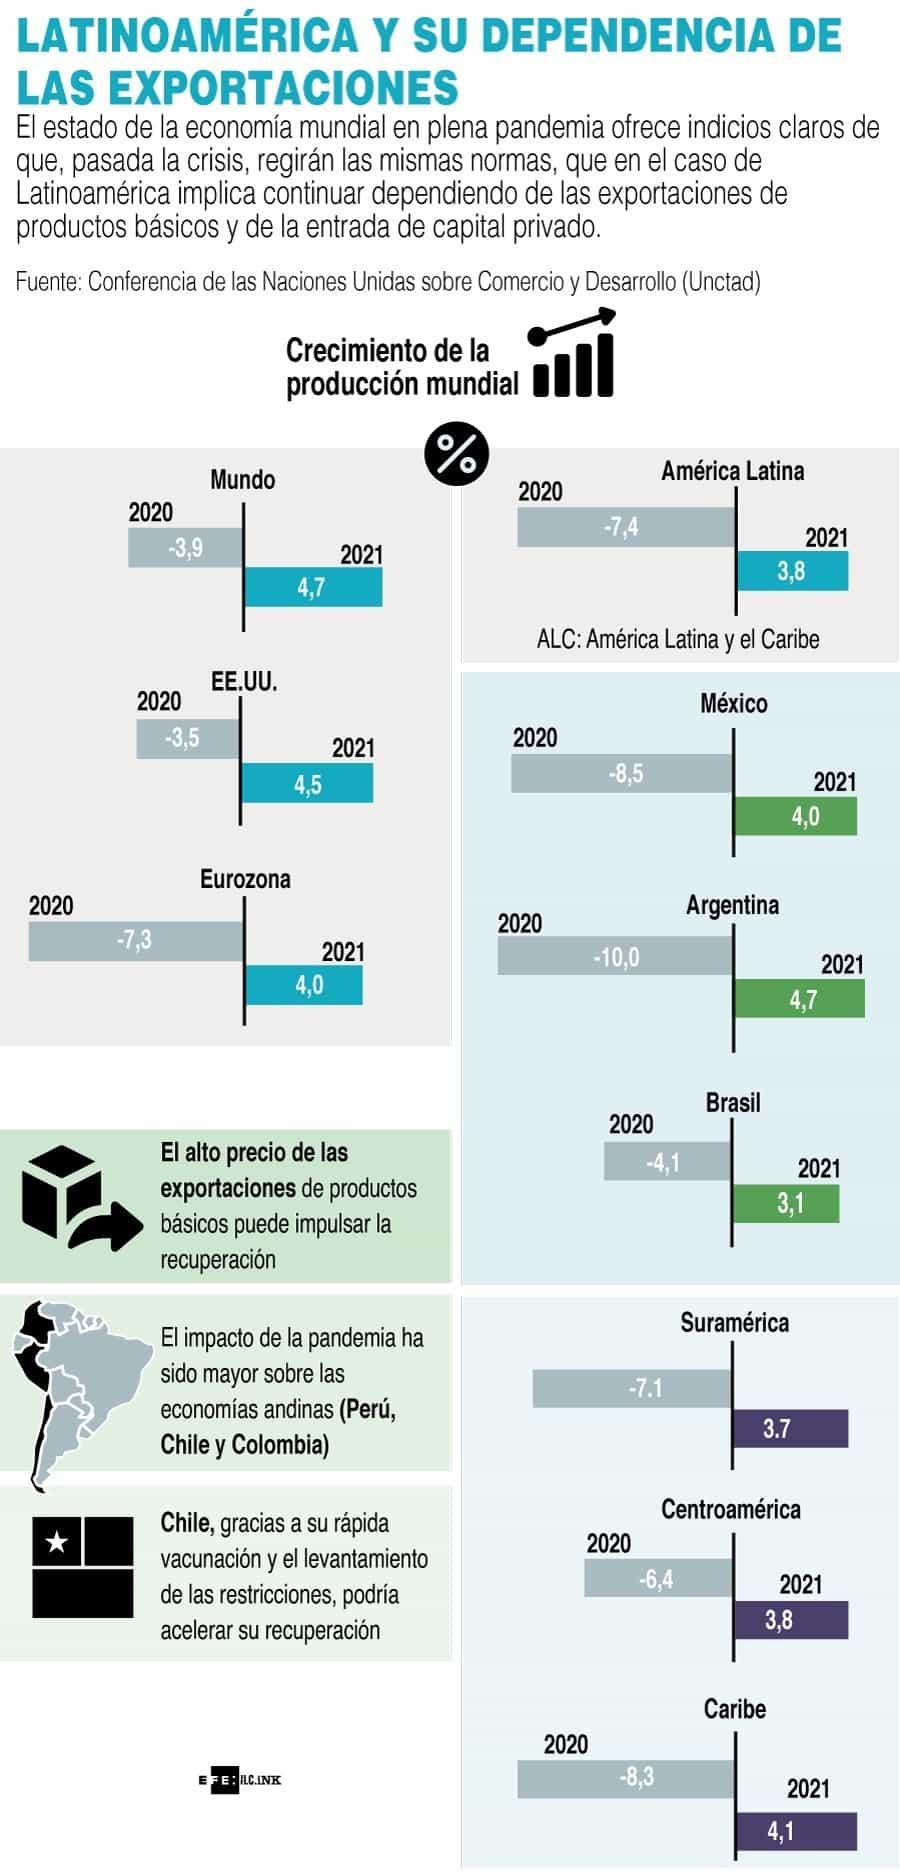 [Infografía] - Latinoamérica y su dependencia de las exportaciones 1